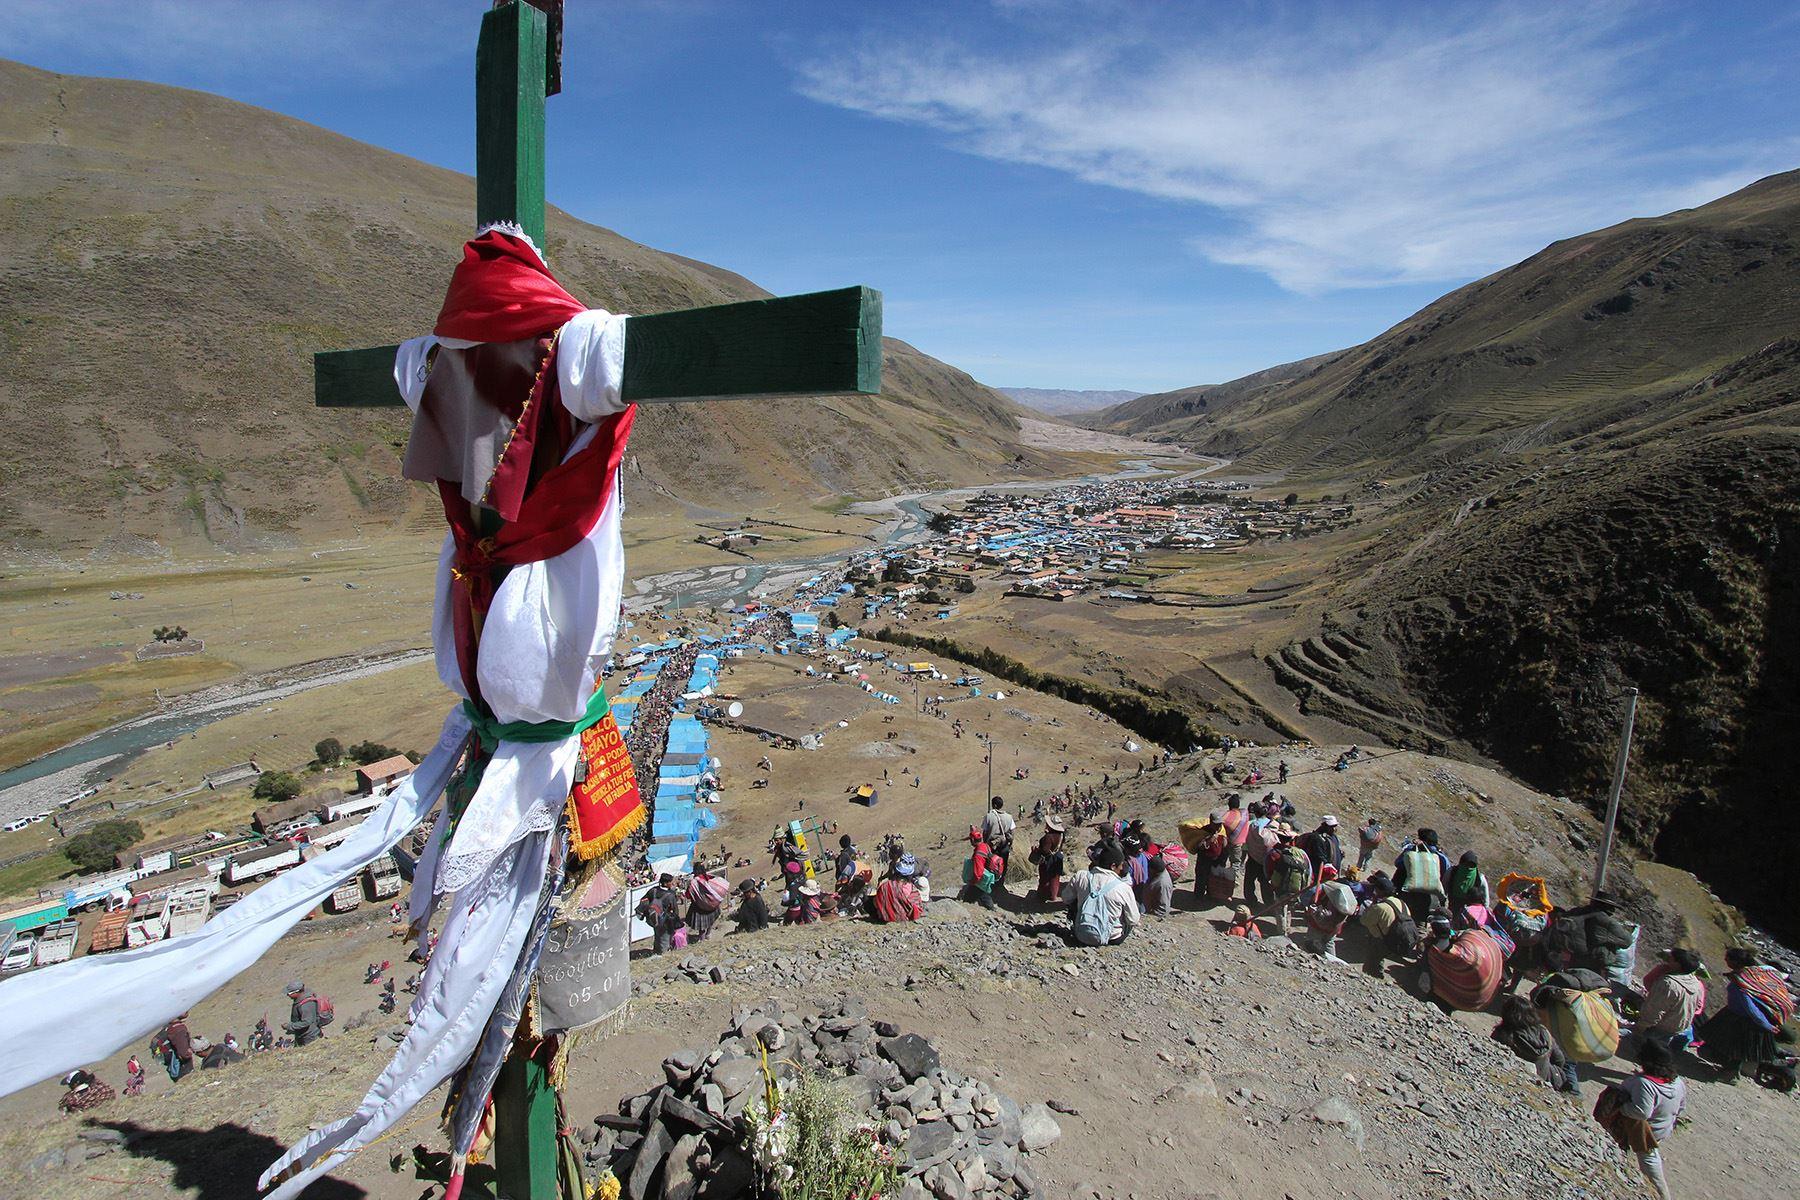 Cusco confirma suspensión de la tradicional fiesta de Qoyllur Riti y cierra accesos al santuario ubicado en el nevado Kolquepunku. ANDINA/Percy Hurtado Santillán